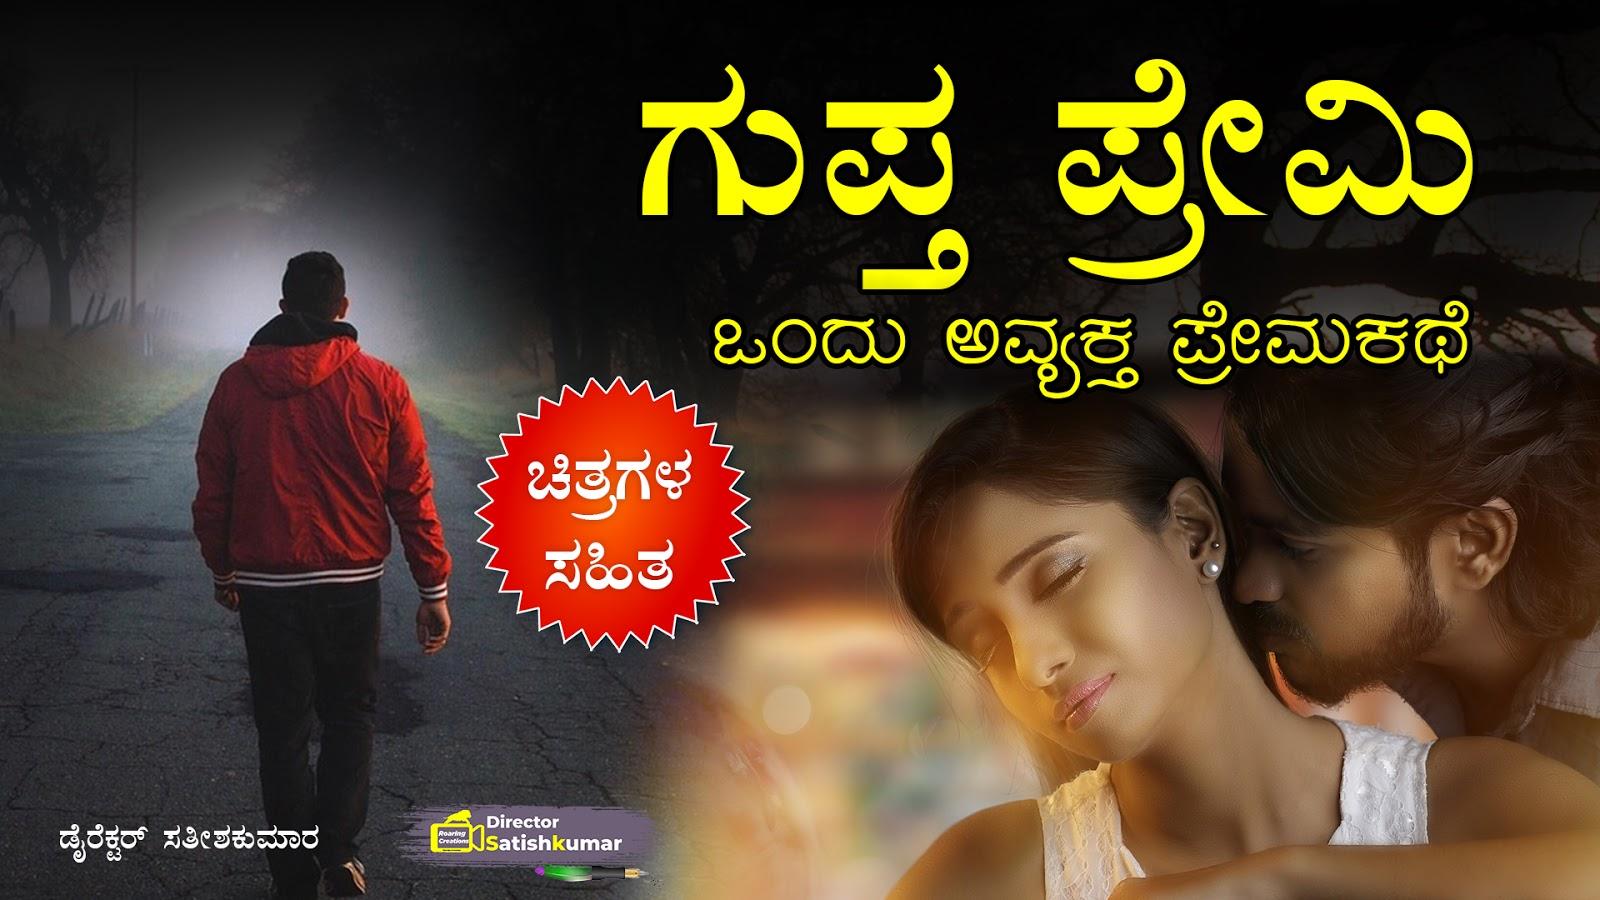 ಗುಪ್ತ ಪ್ರೇಮಿ ; ಒಂದು ಅವ್ಯಕ್ತ ಪ್ರೇಮಕಥೆ - Kannada Moral Love Story